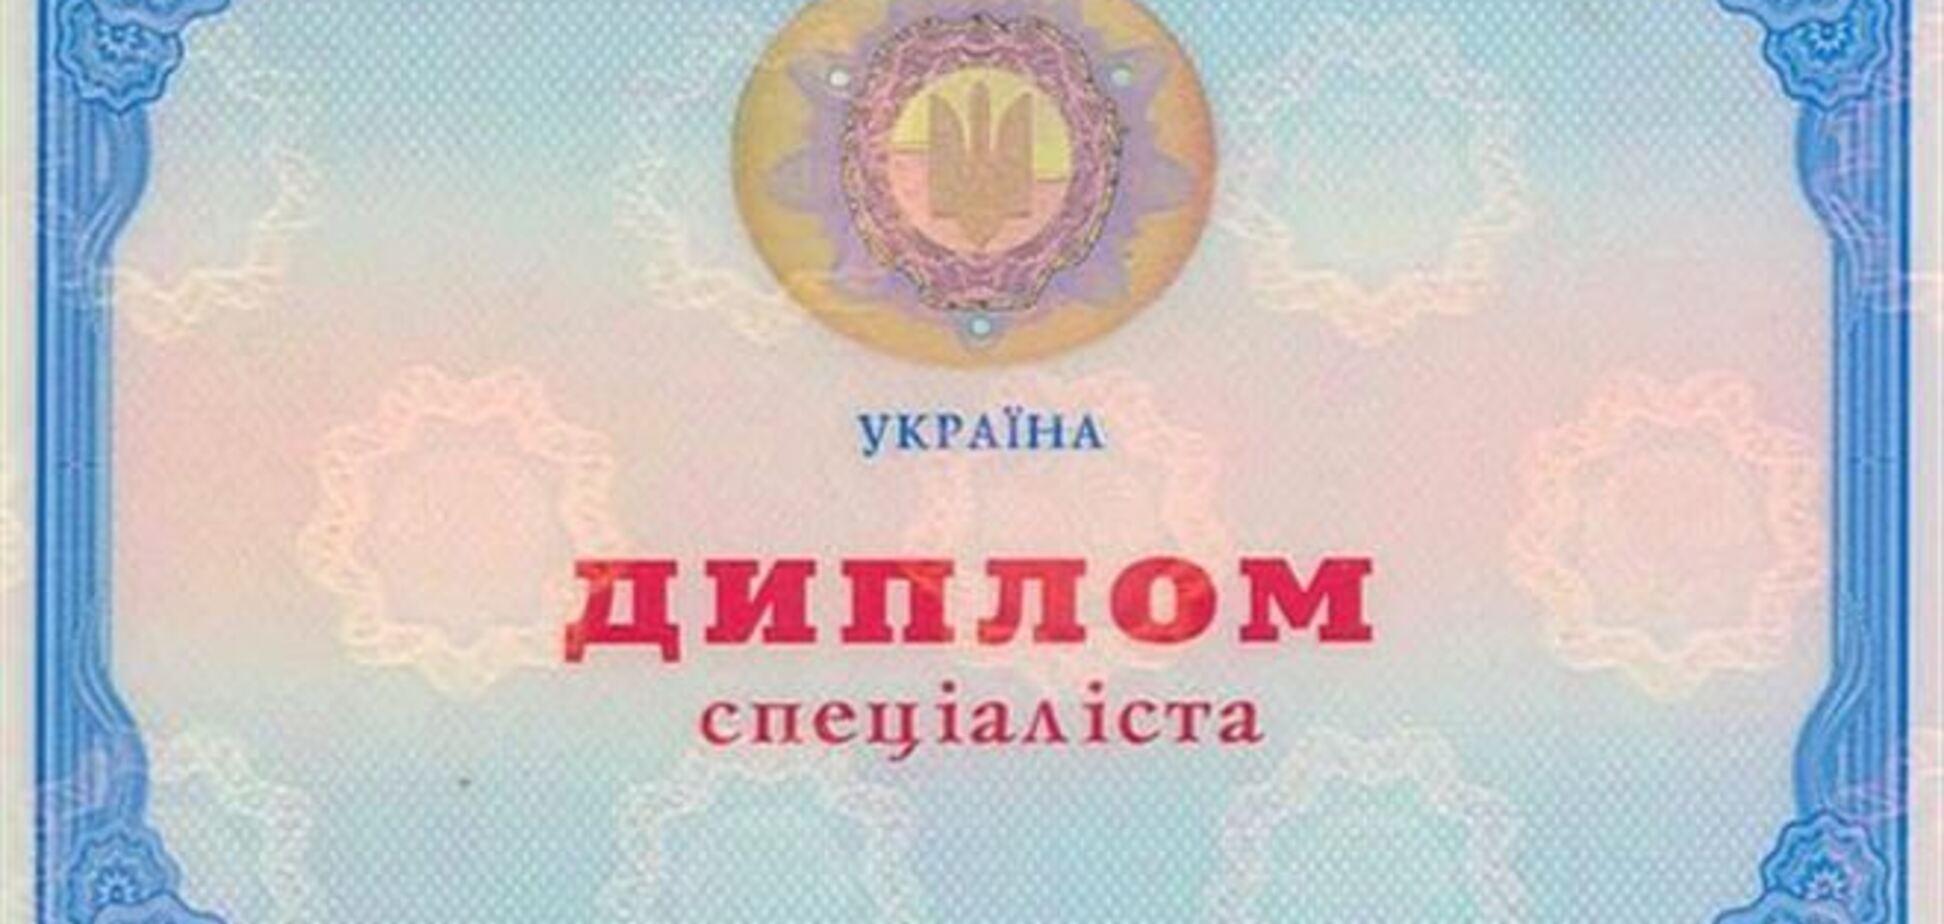 ГПУ проверит 'сомнительные' дипломы прокуроров